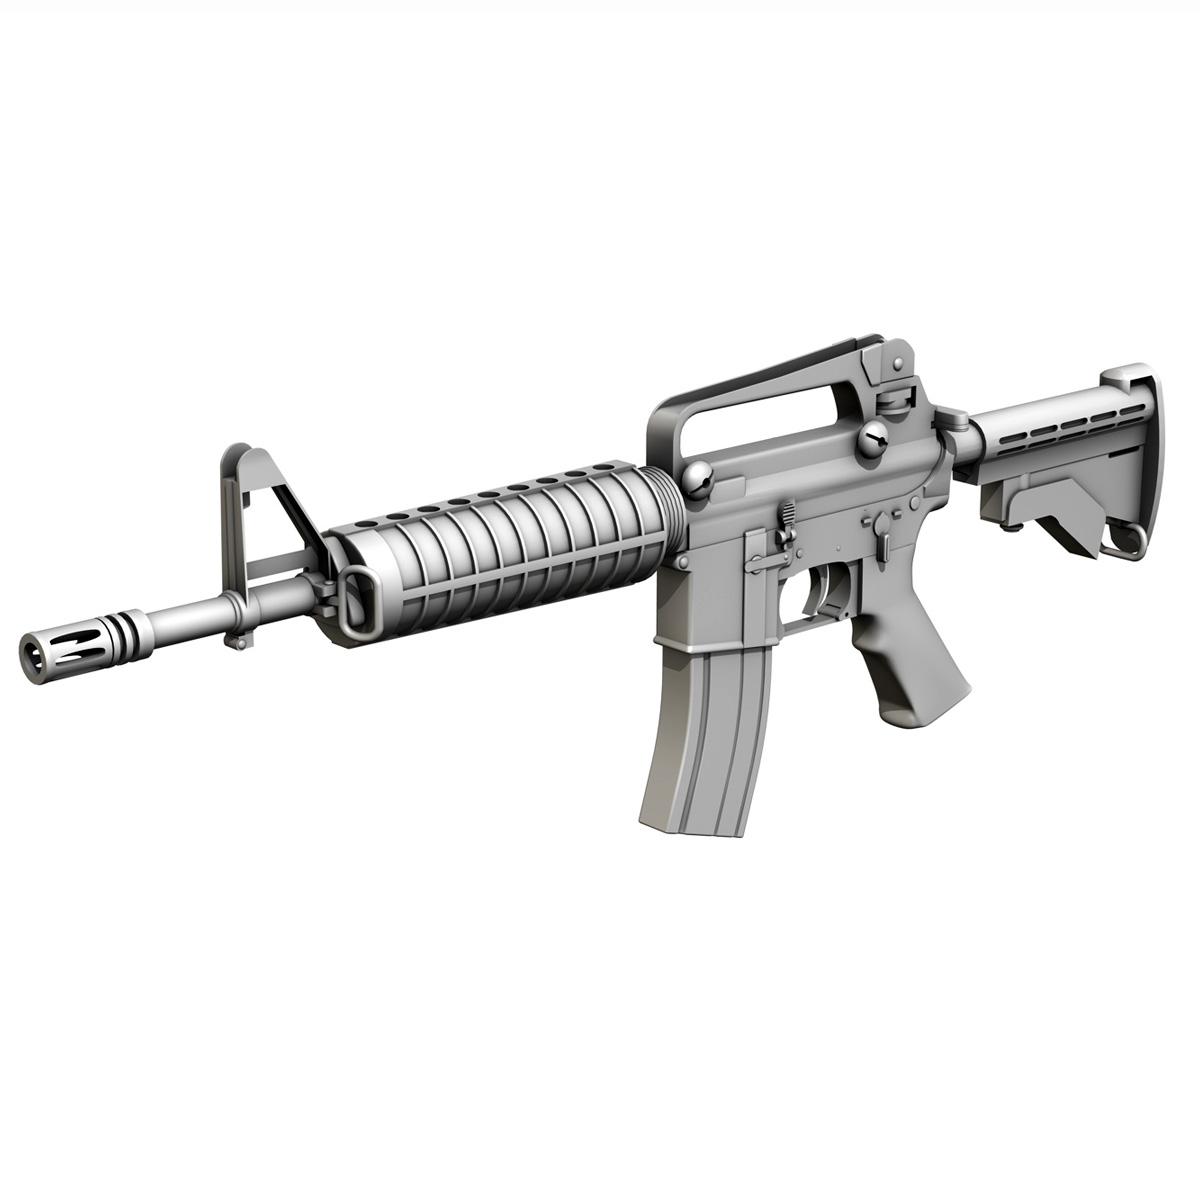 colt m4 commando assault rifle 3d model 3ds fbx c4d lwo obj 187502